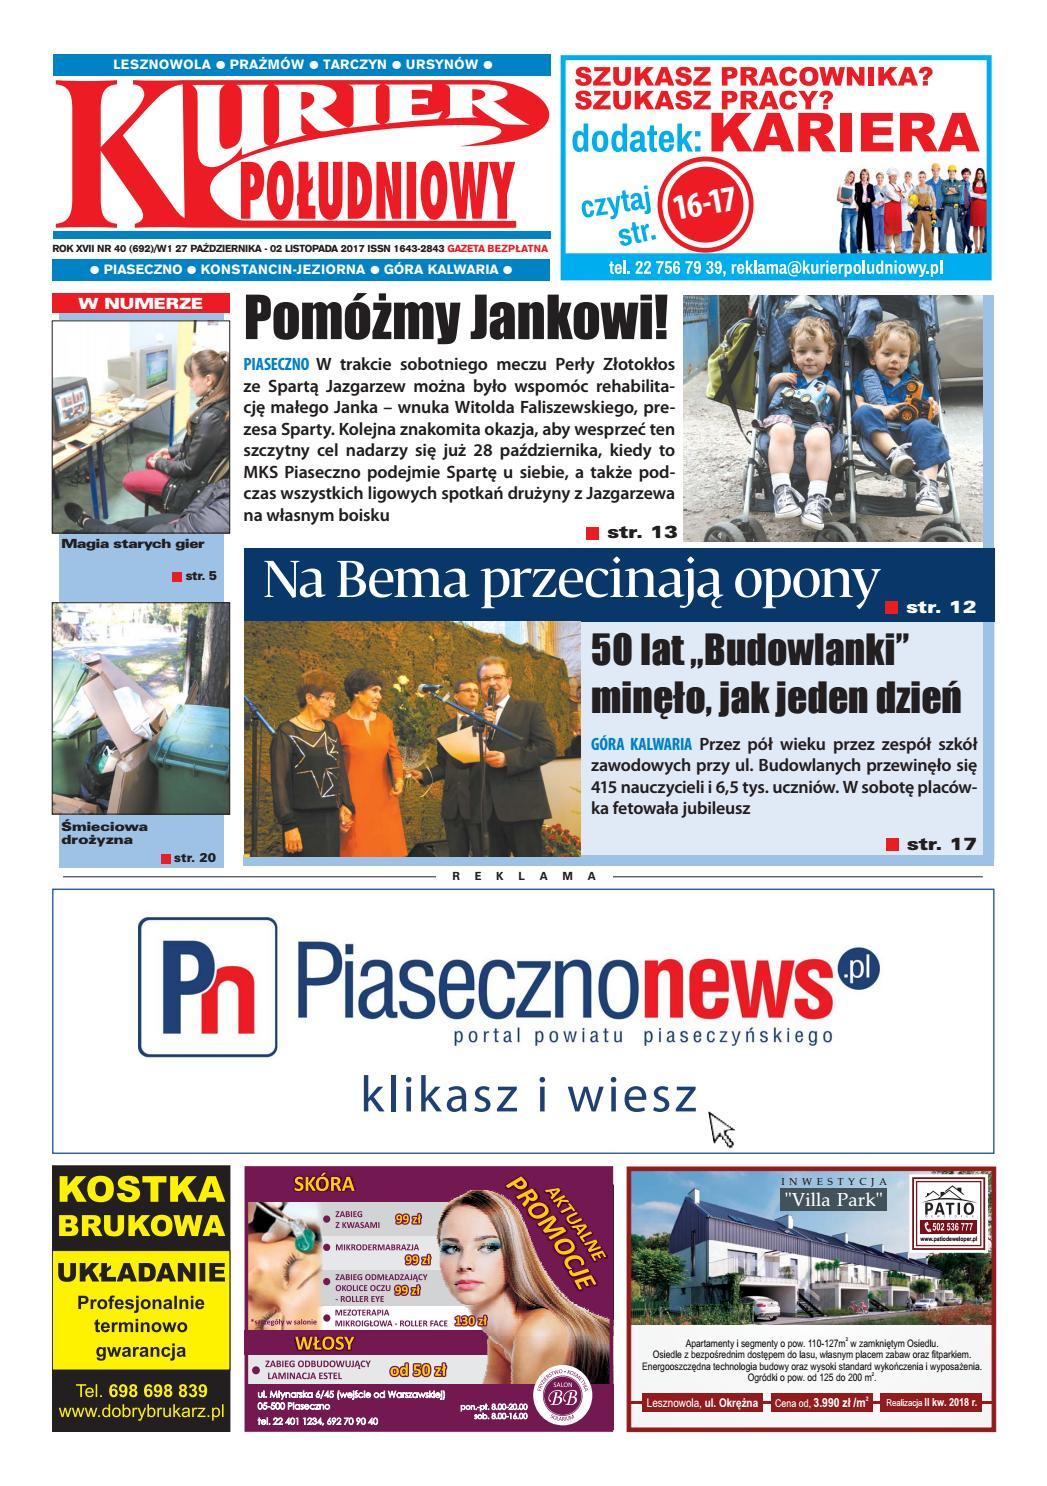 Kurier Południowy 40692 27102017 Wydanie Piaseczyńsko